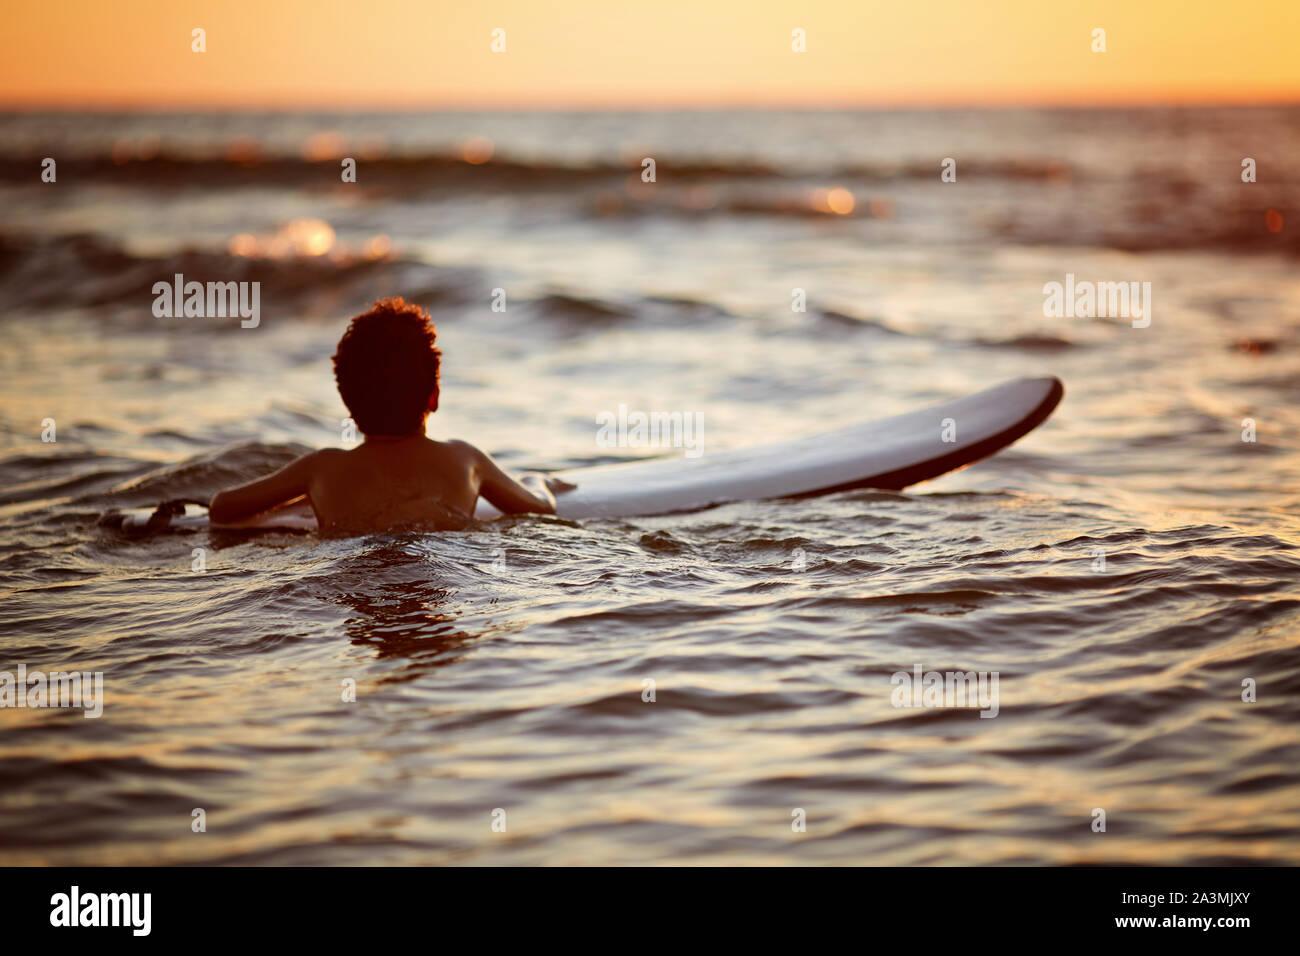 Joven Ola cabalgando al atardecer. Un estilo de vida activo al aire libre. Surf al atardecer Foto de stock